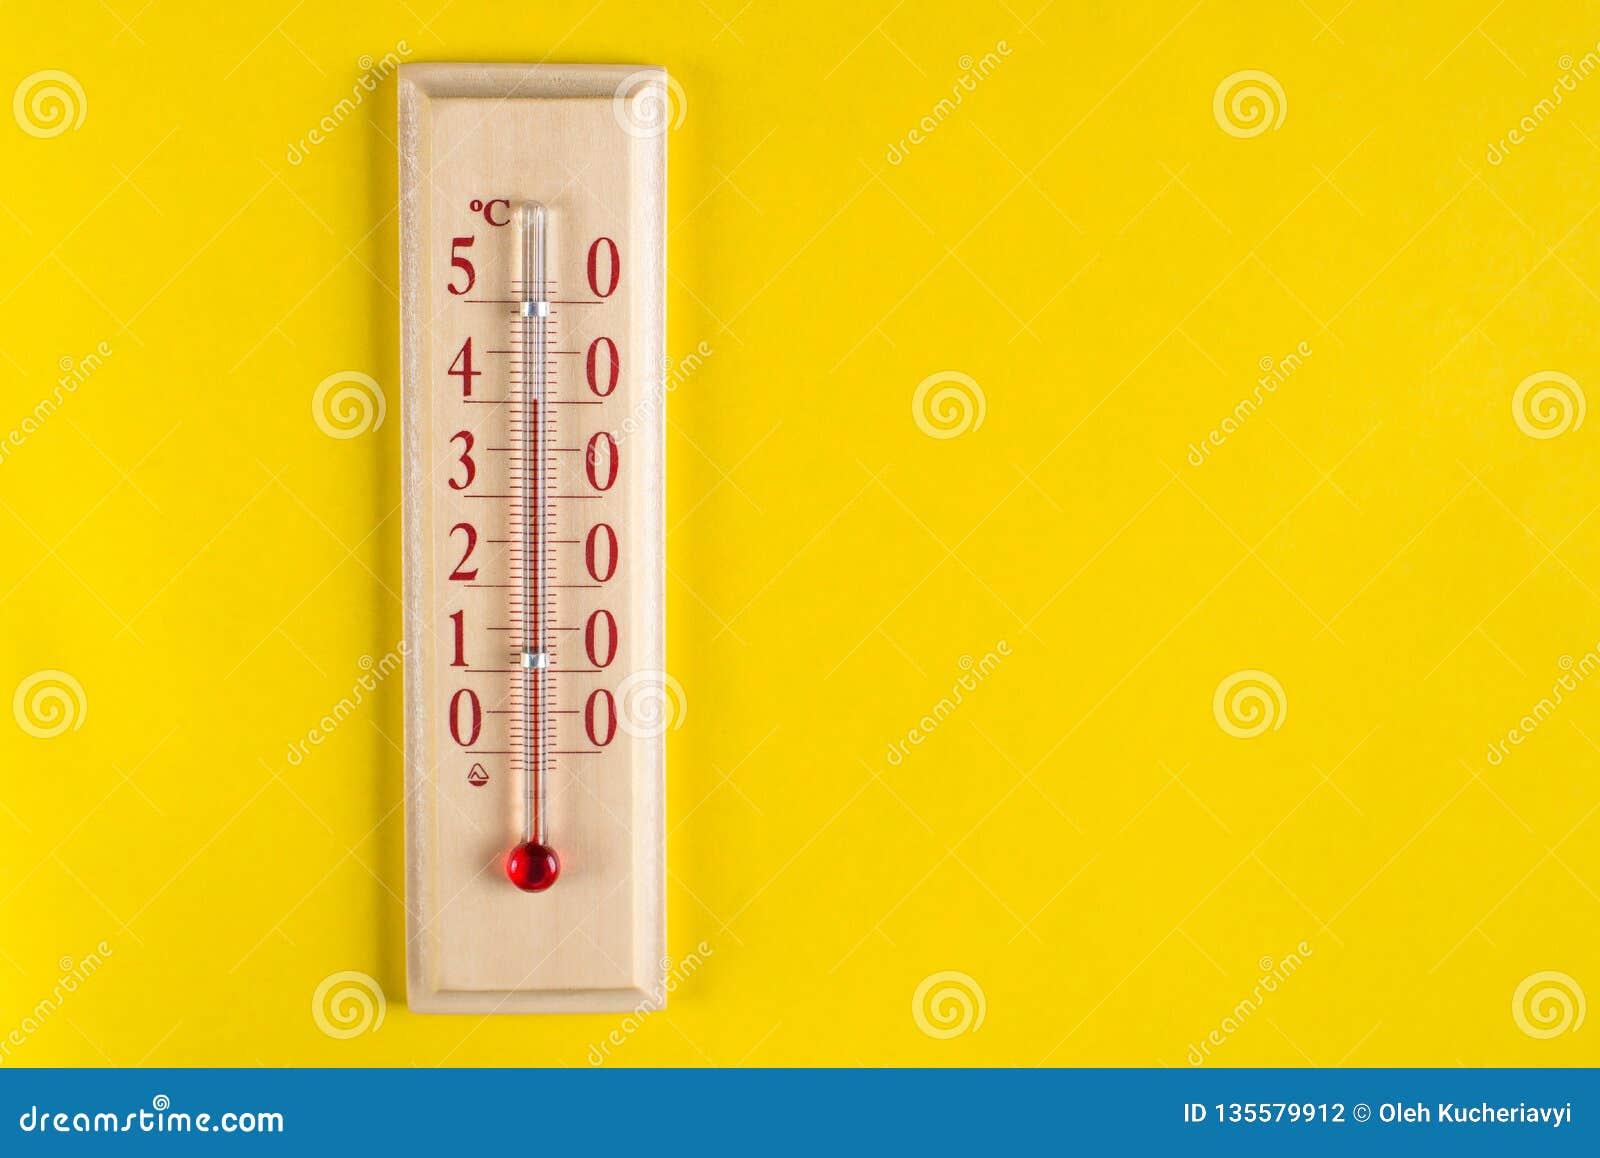 Thermomètre pour la température de l air de mesure sur le fond jaune